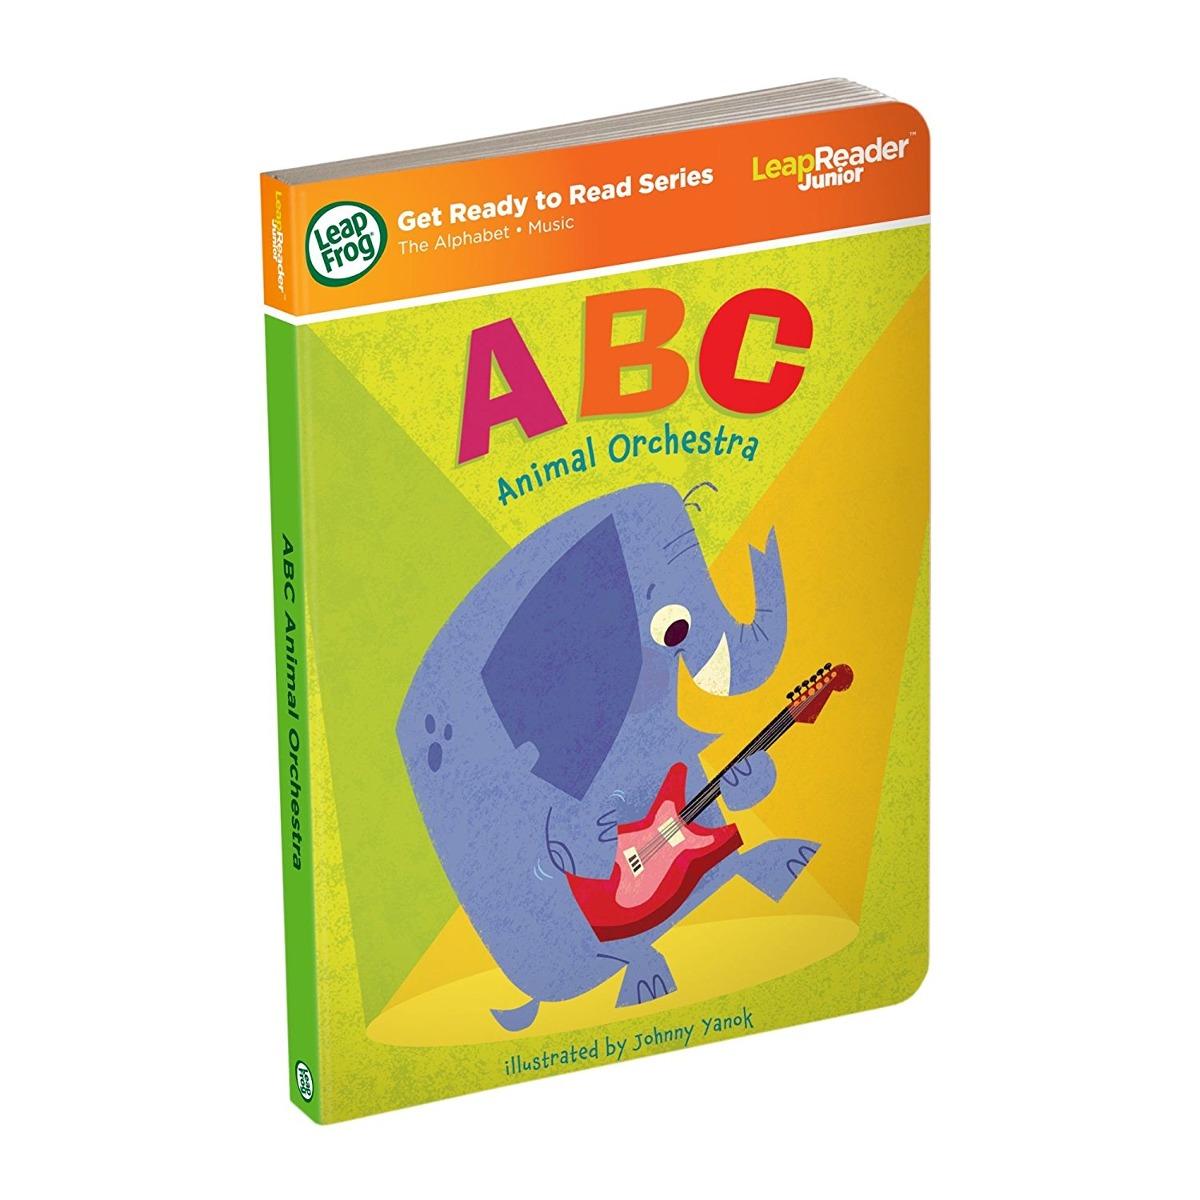 Libro Para Niños Leapfrog Abc Animal Orquesta Tag - $ 999.00 en ...